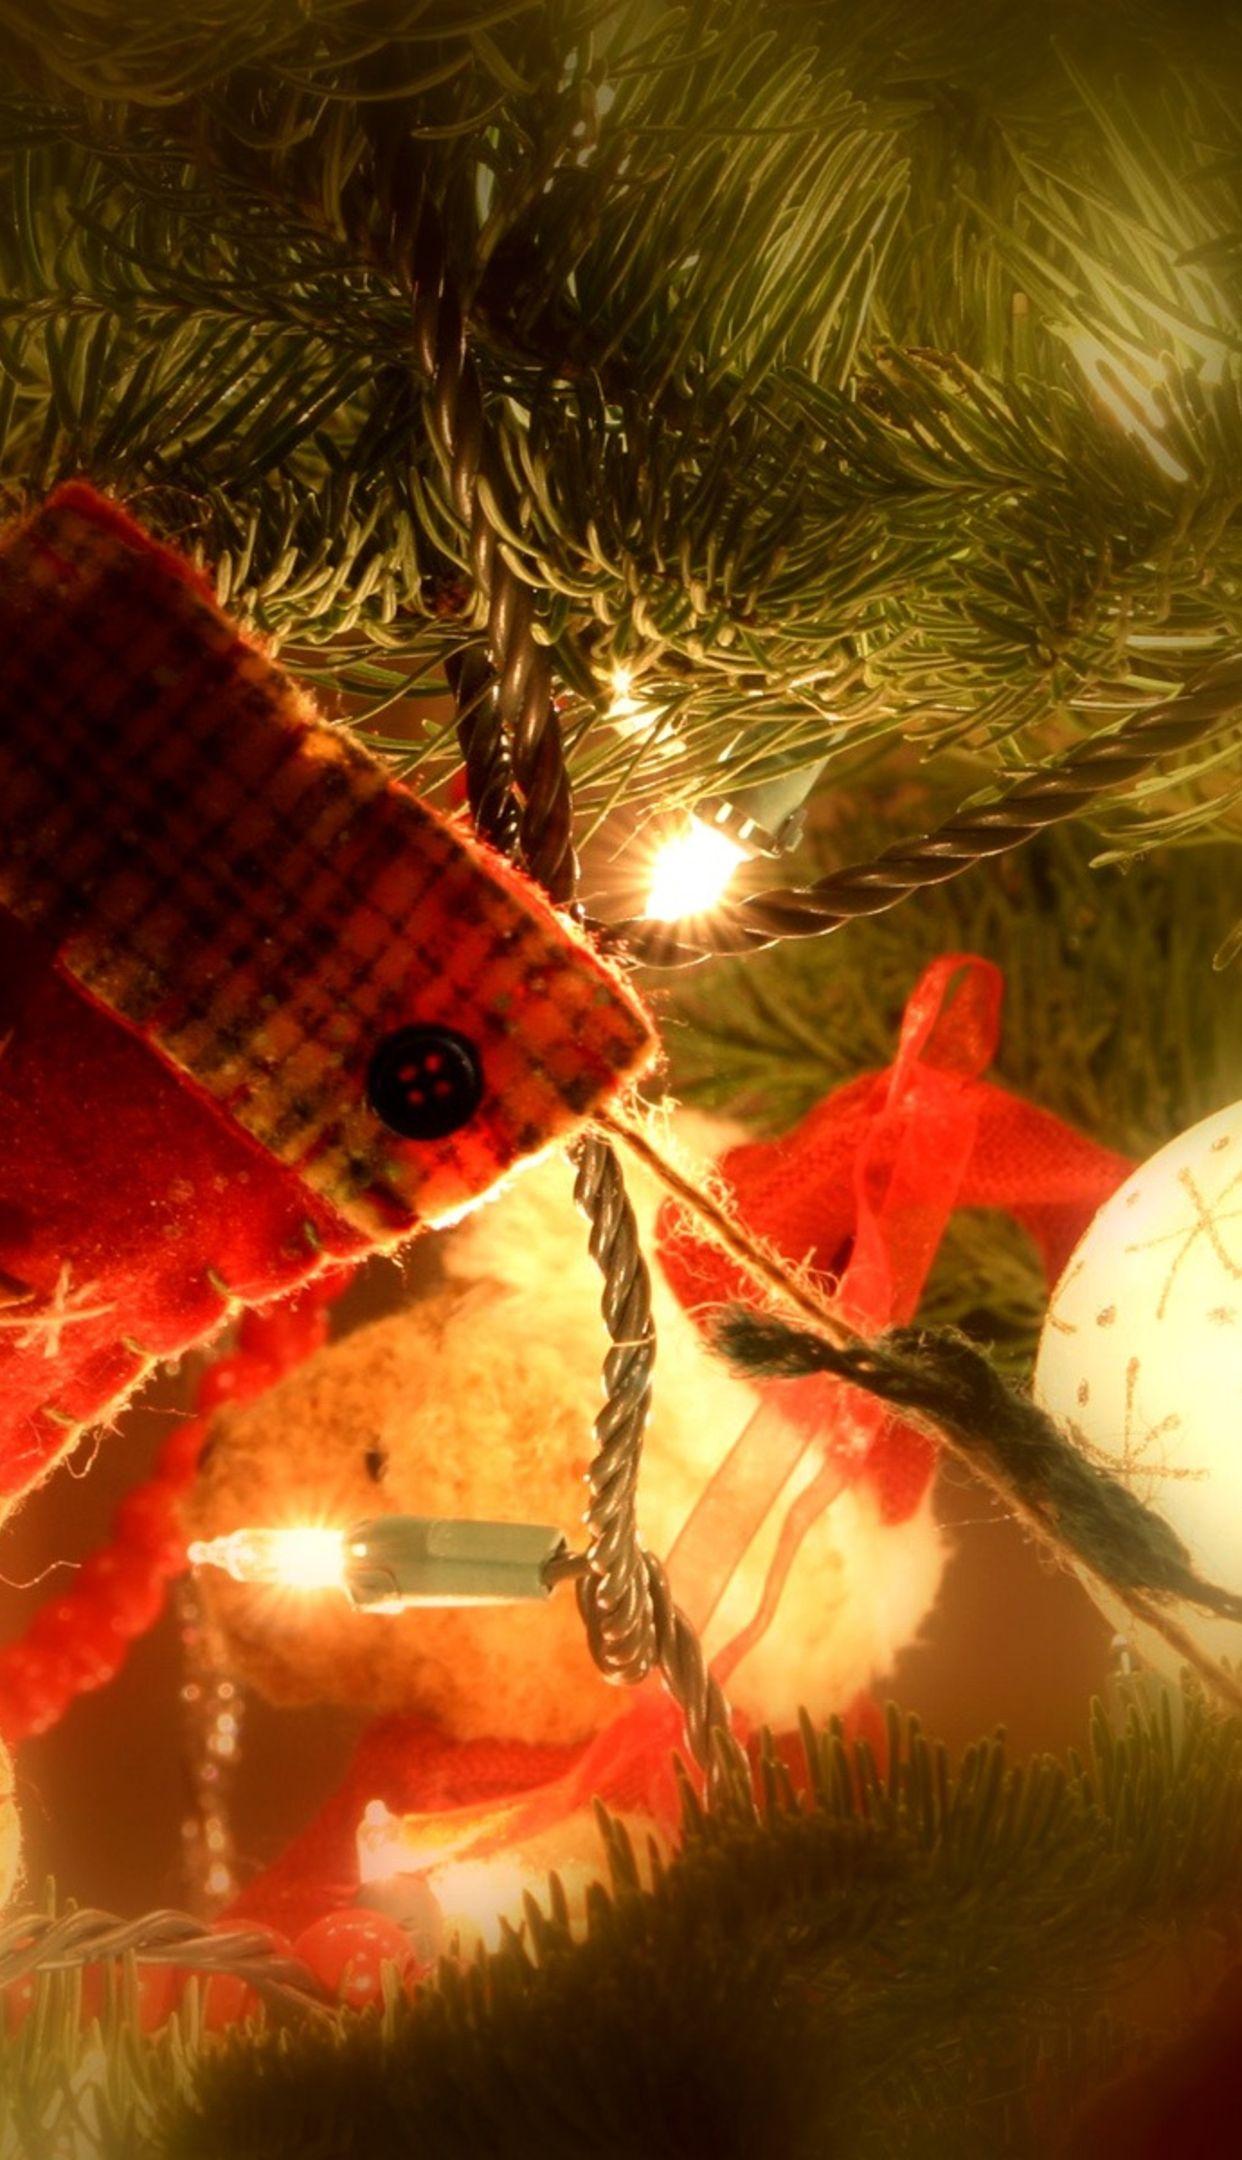 tree with hanging stocking 1242x2208 4k HD wallpaper wallpprscom 1242x2160